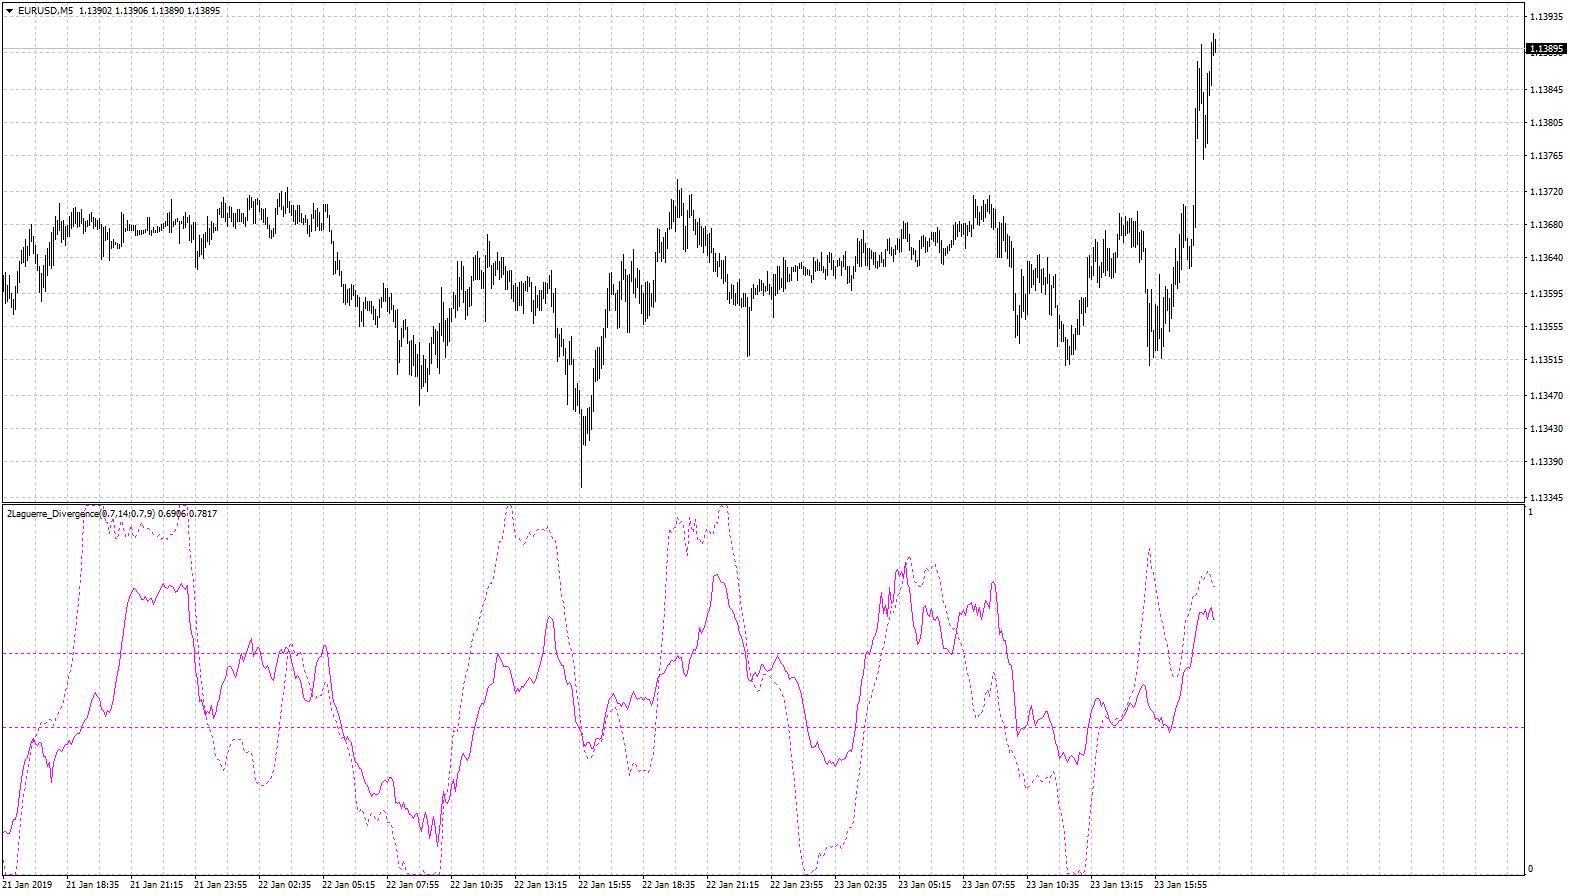 Laguerre Indicator Gamma 0.7